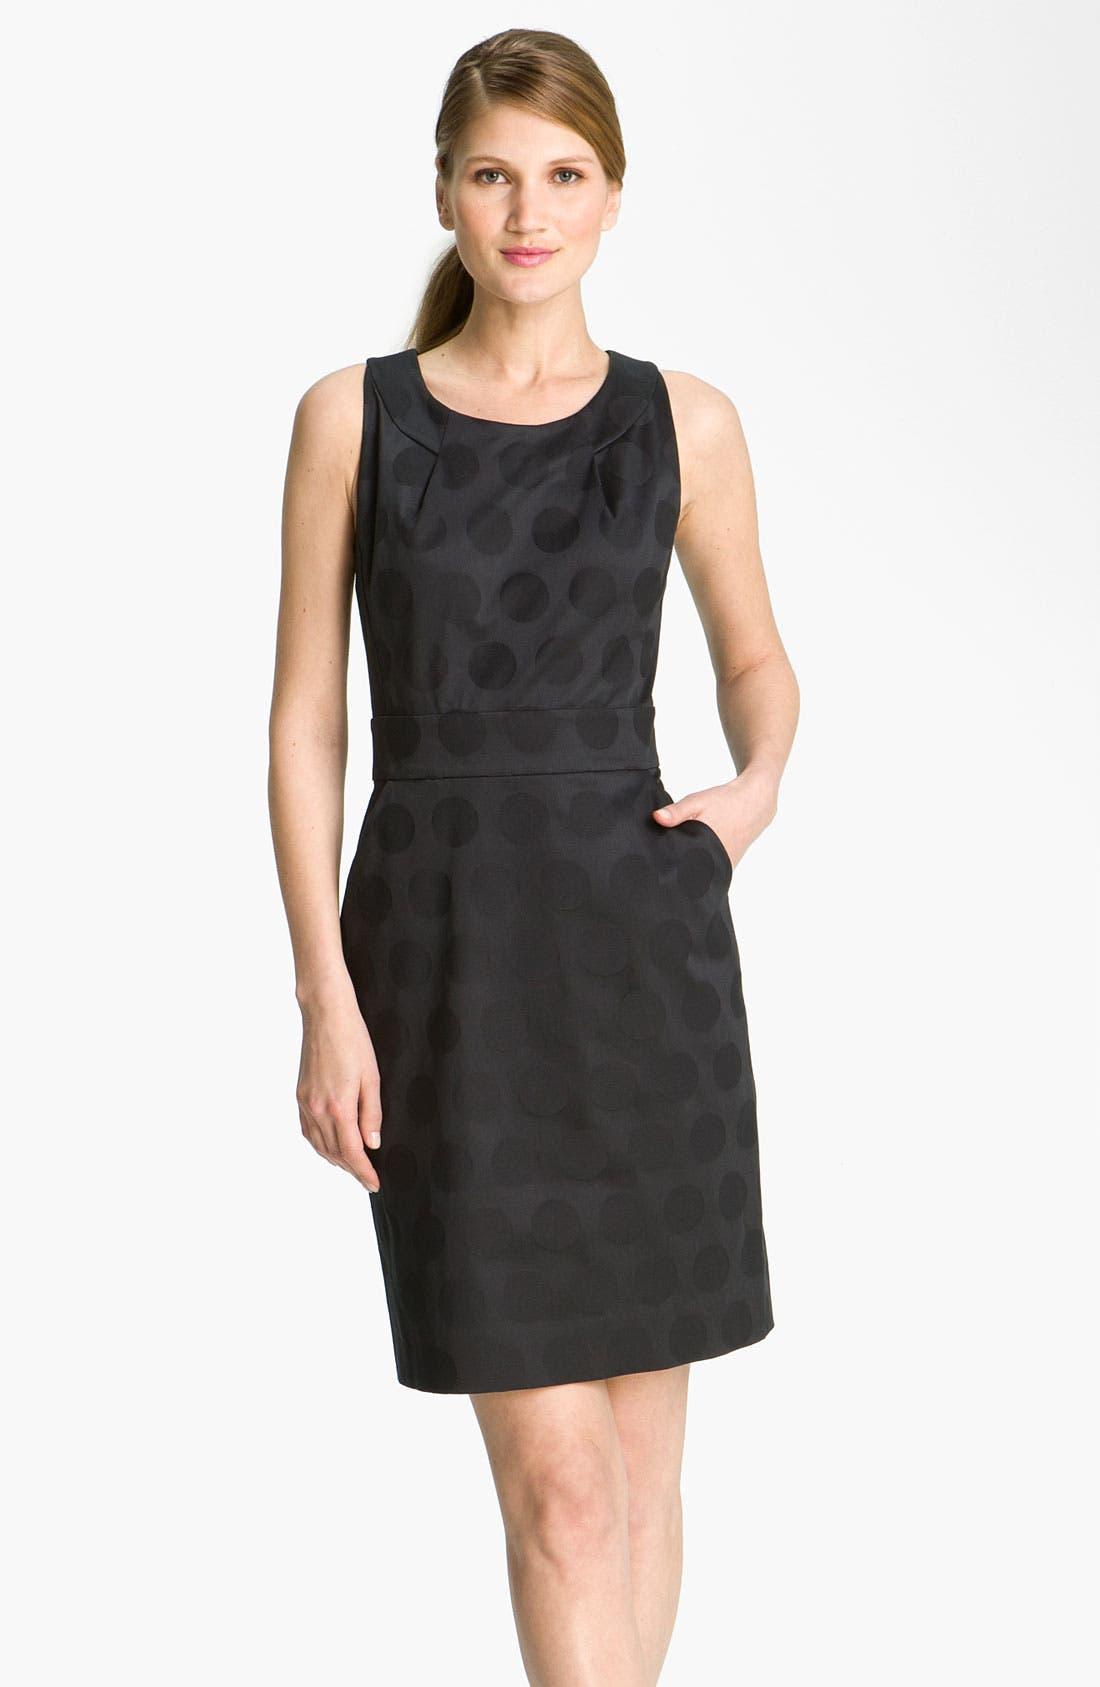 Alternate Image 1 Selected - kate spade new york 'alme' polka dot dress